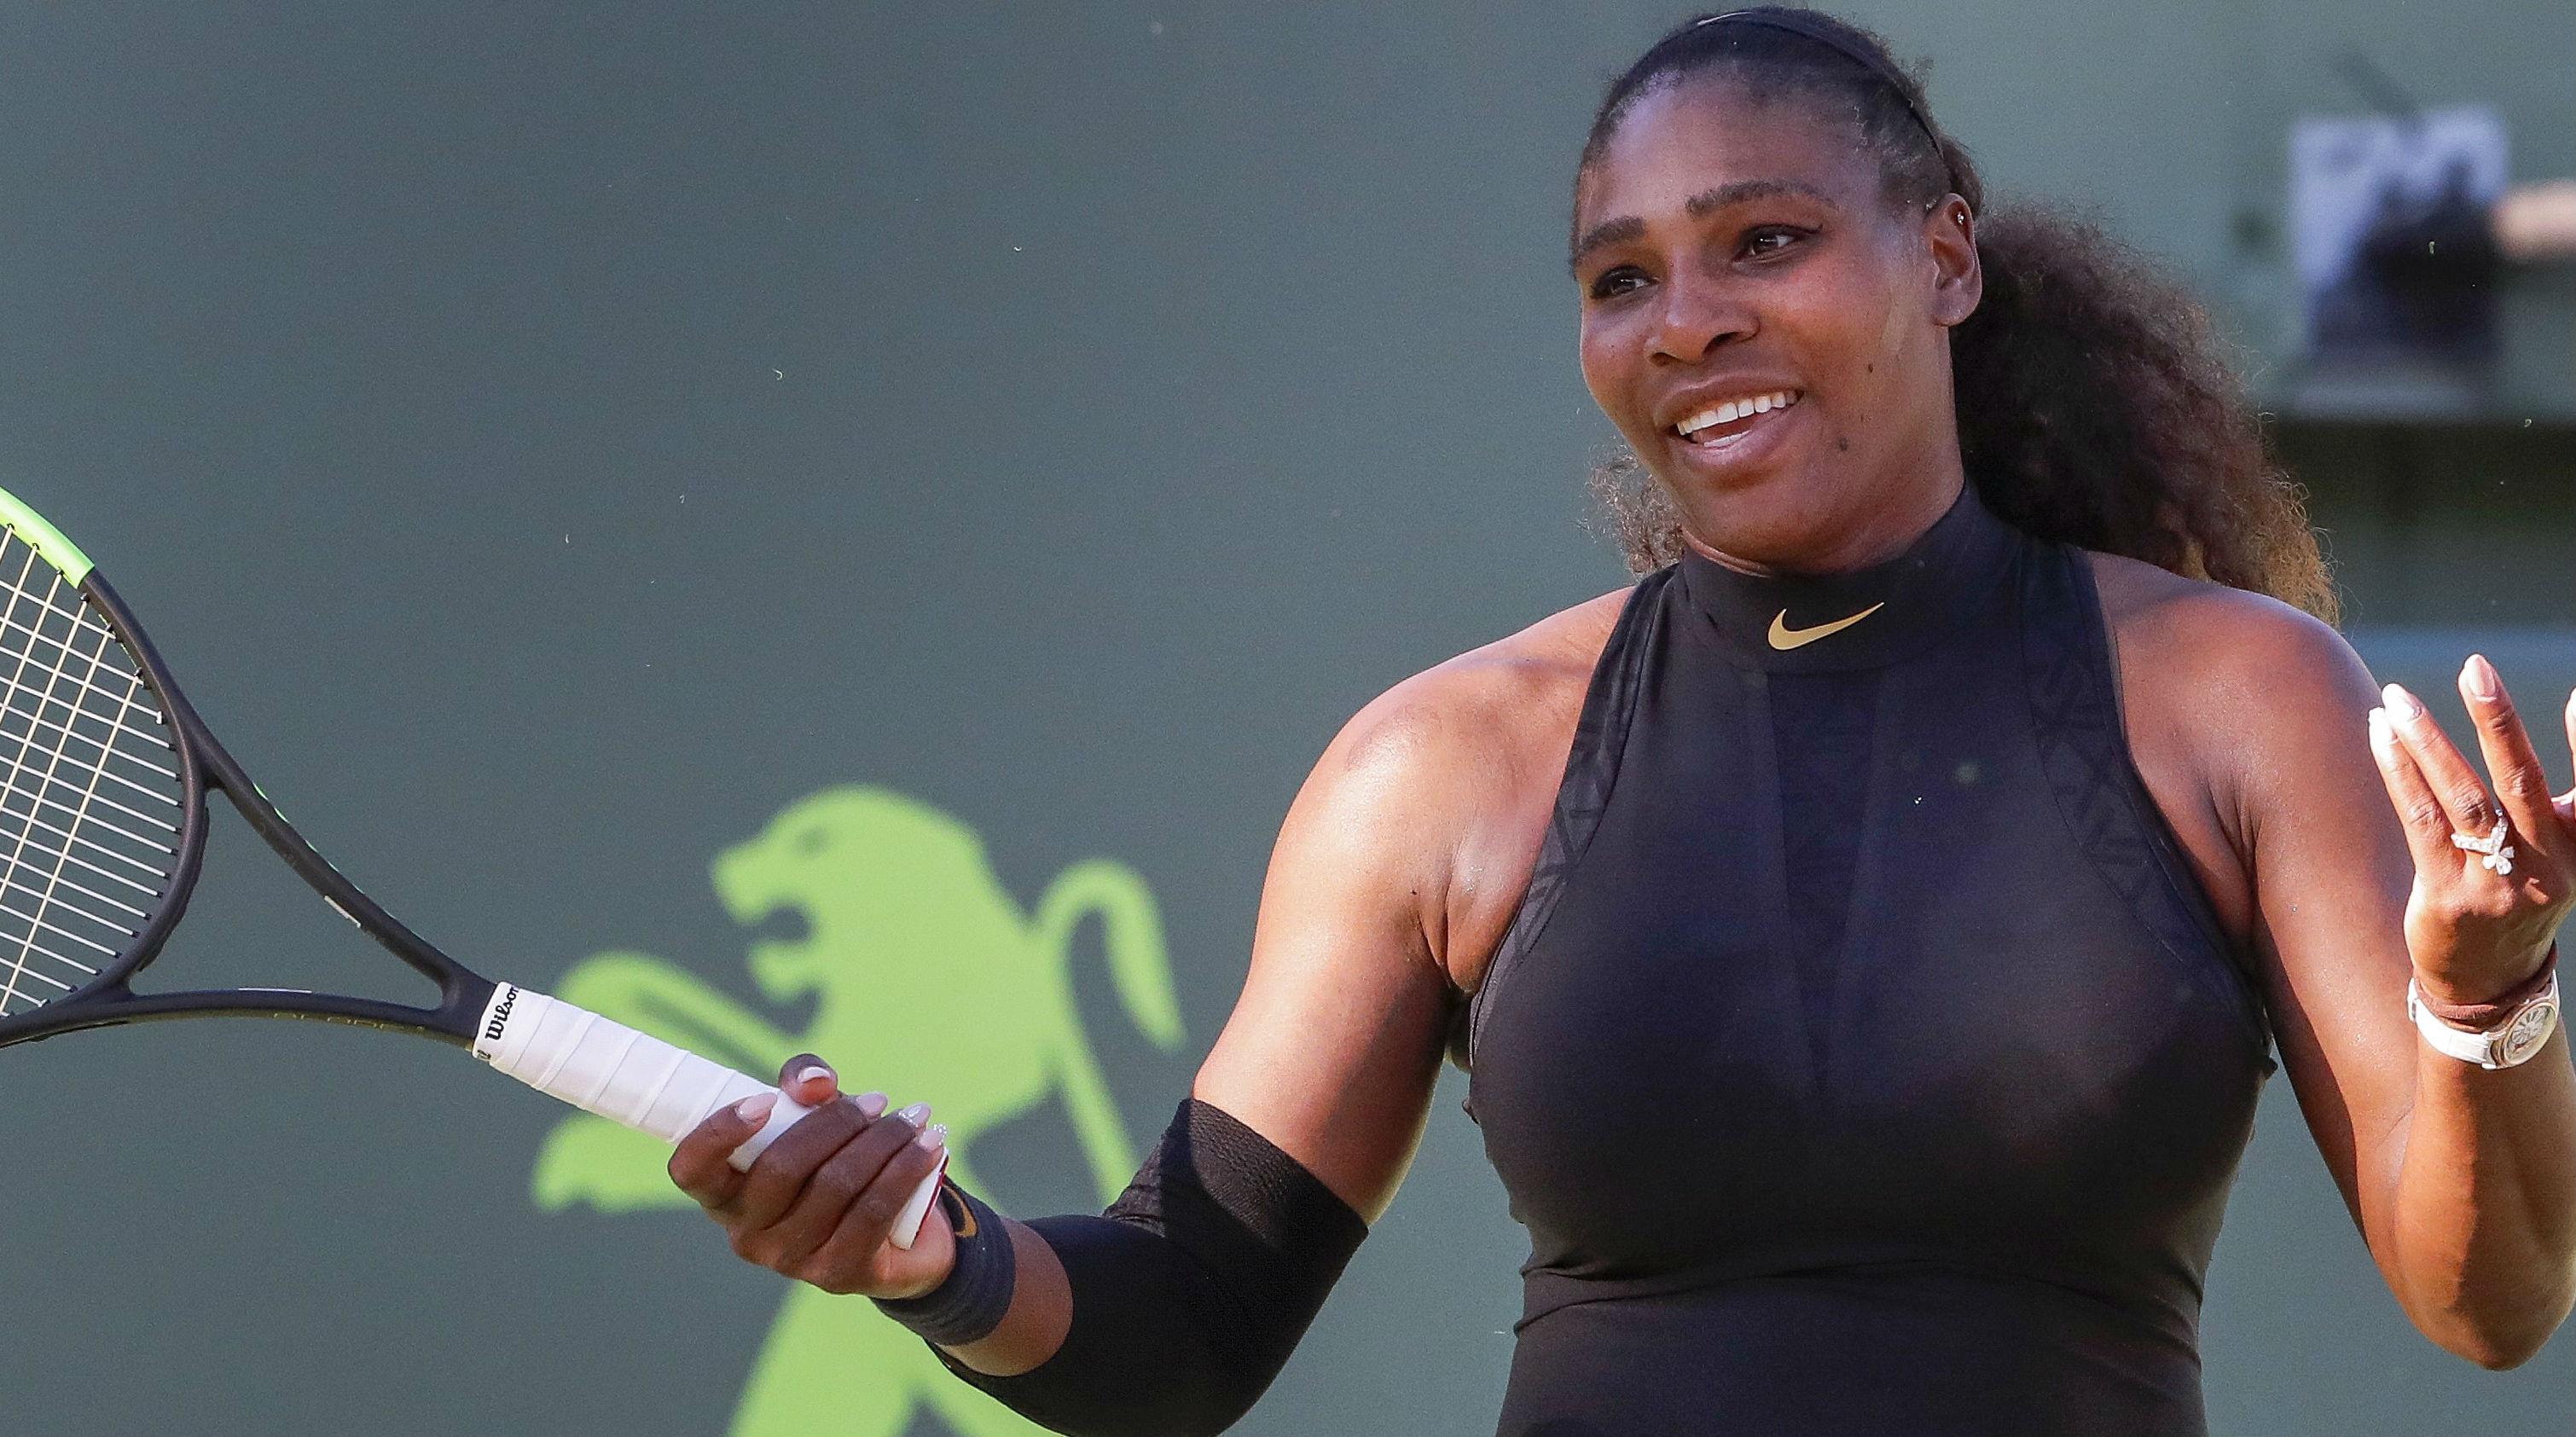 外媒称WTA对产后女网选手缺乏保护 球员呼吁改革排名政策